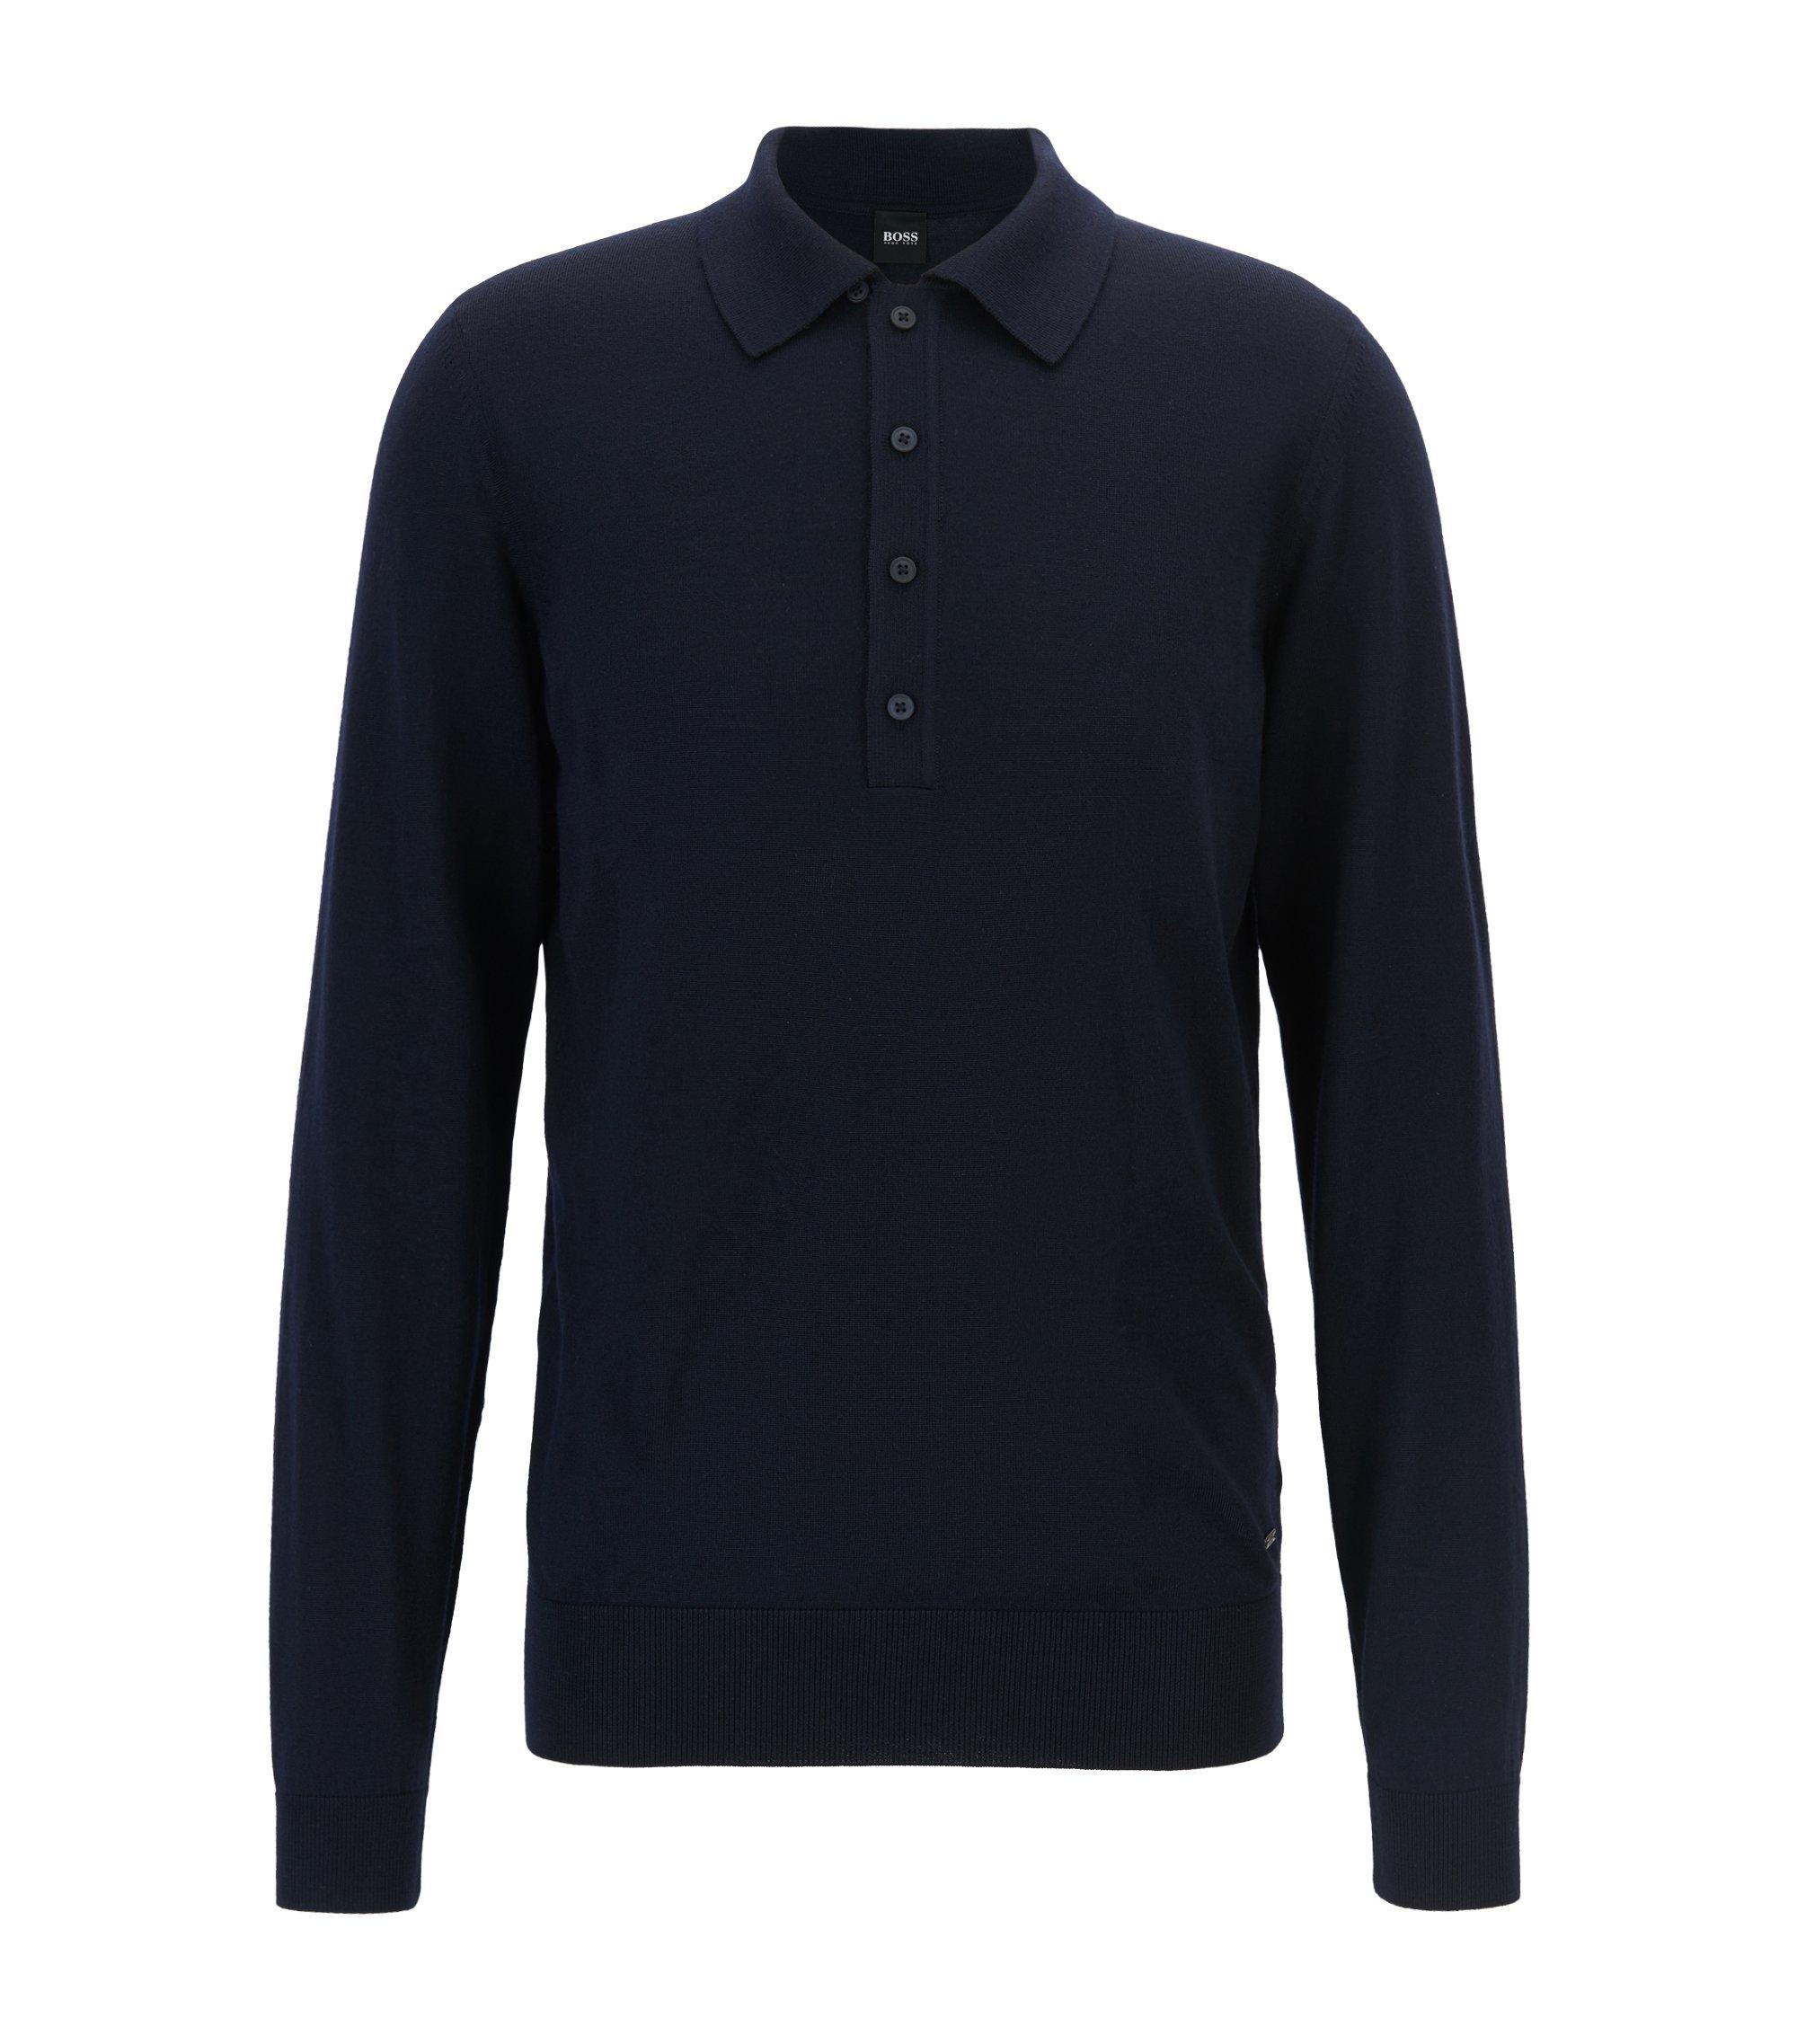 Maglione in lana vergine con colletto polo, Blu scuro